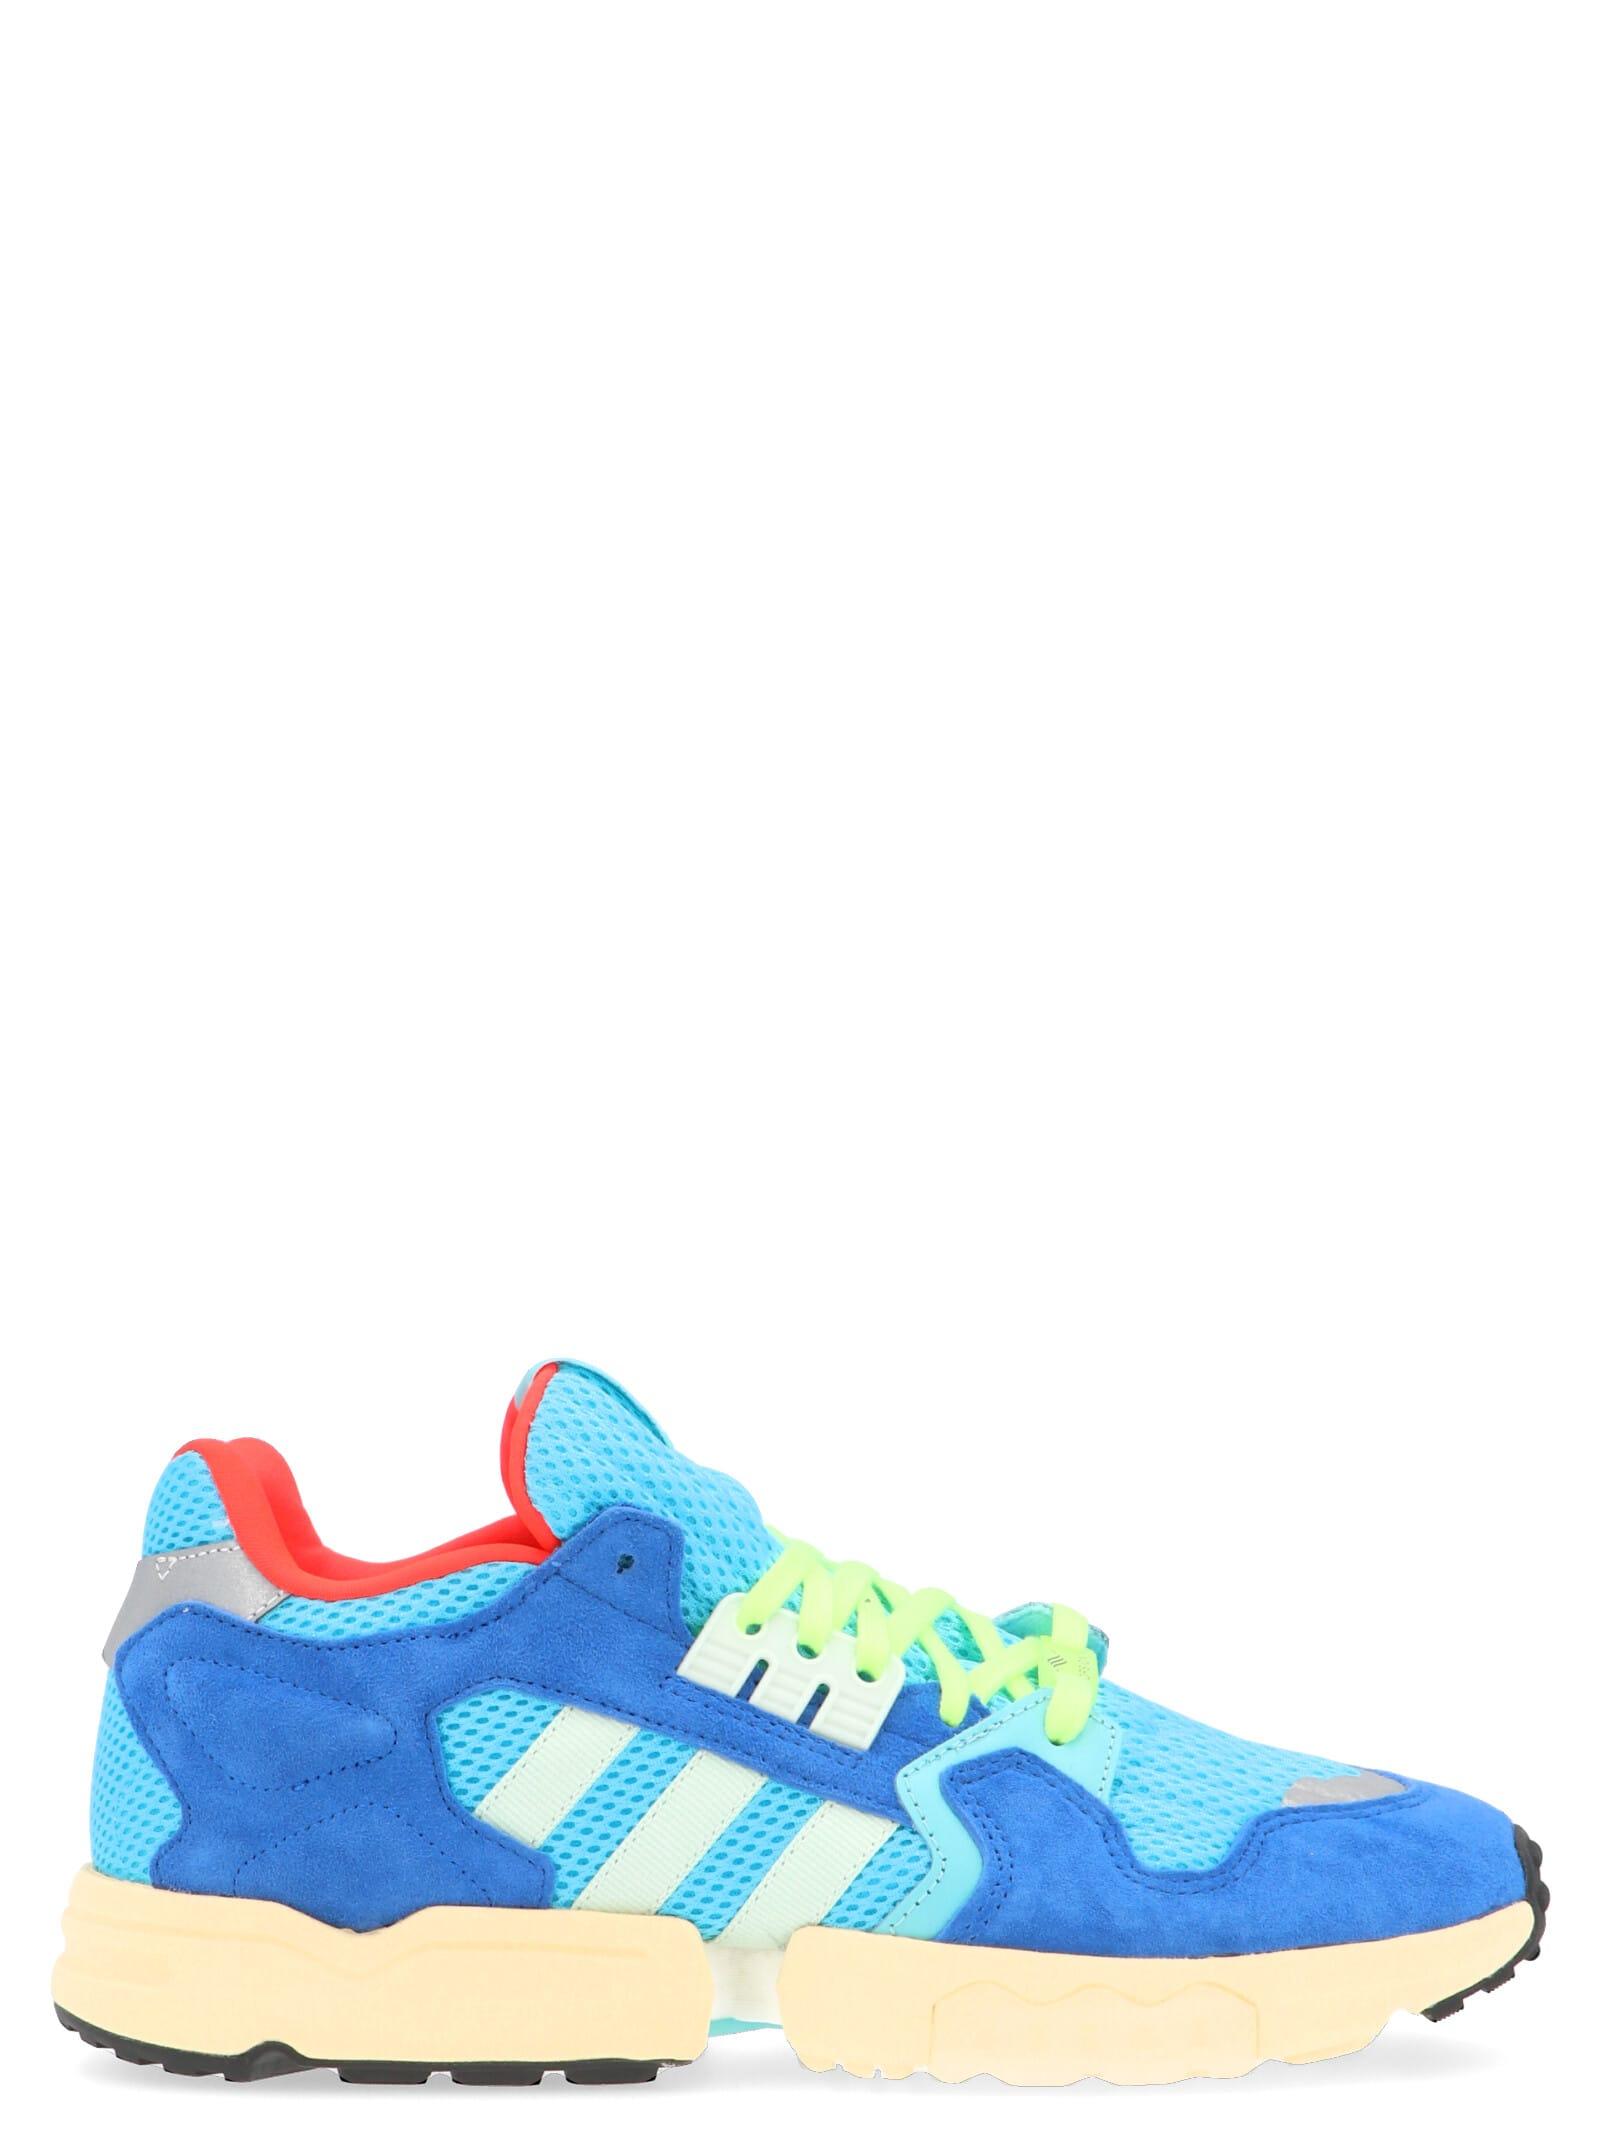 super popular 296e0 4ca14 Best price on the market at italist | Adidas Originals Adidas Originals 'zx  Torsion' Shoes